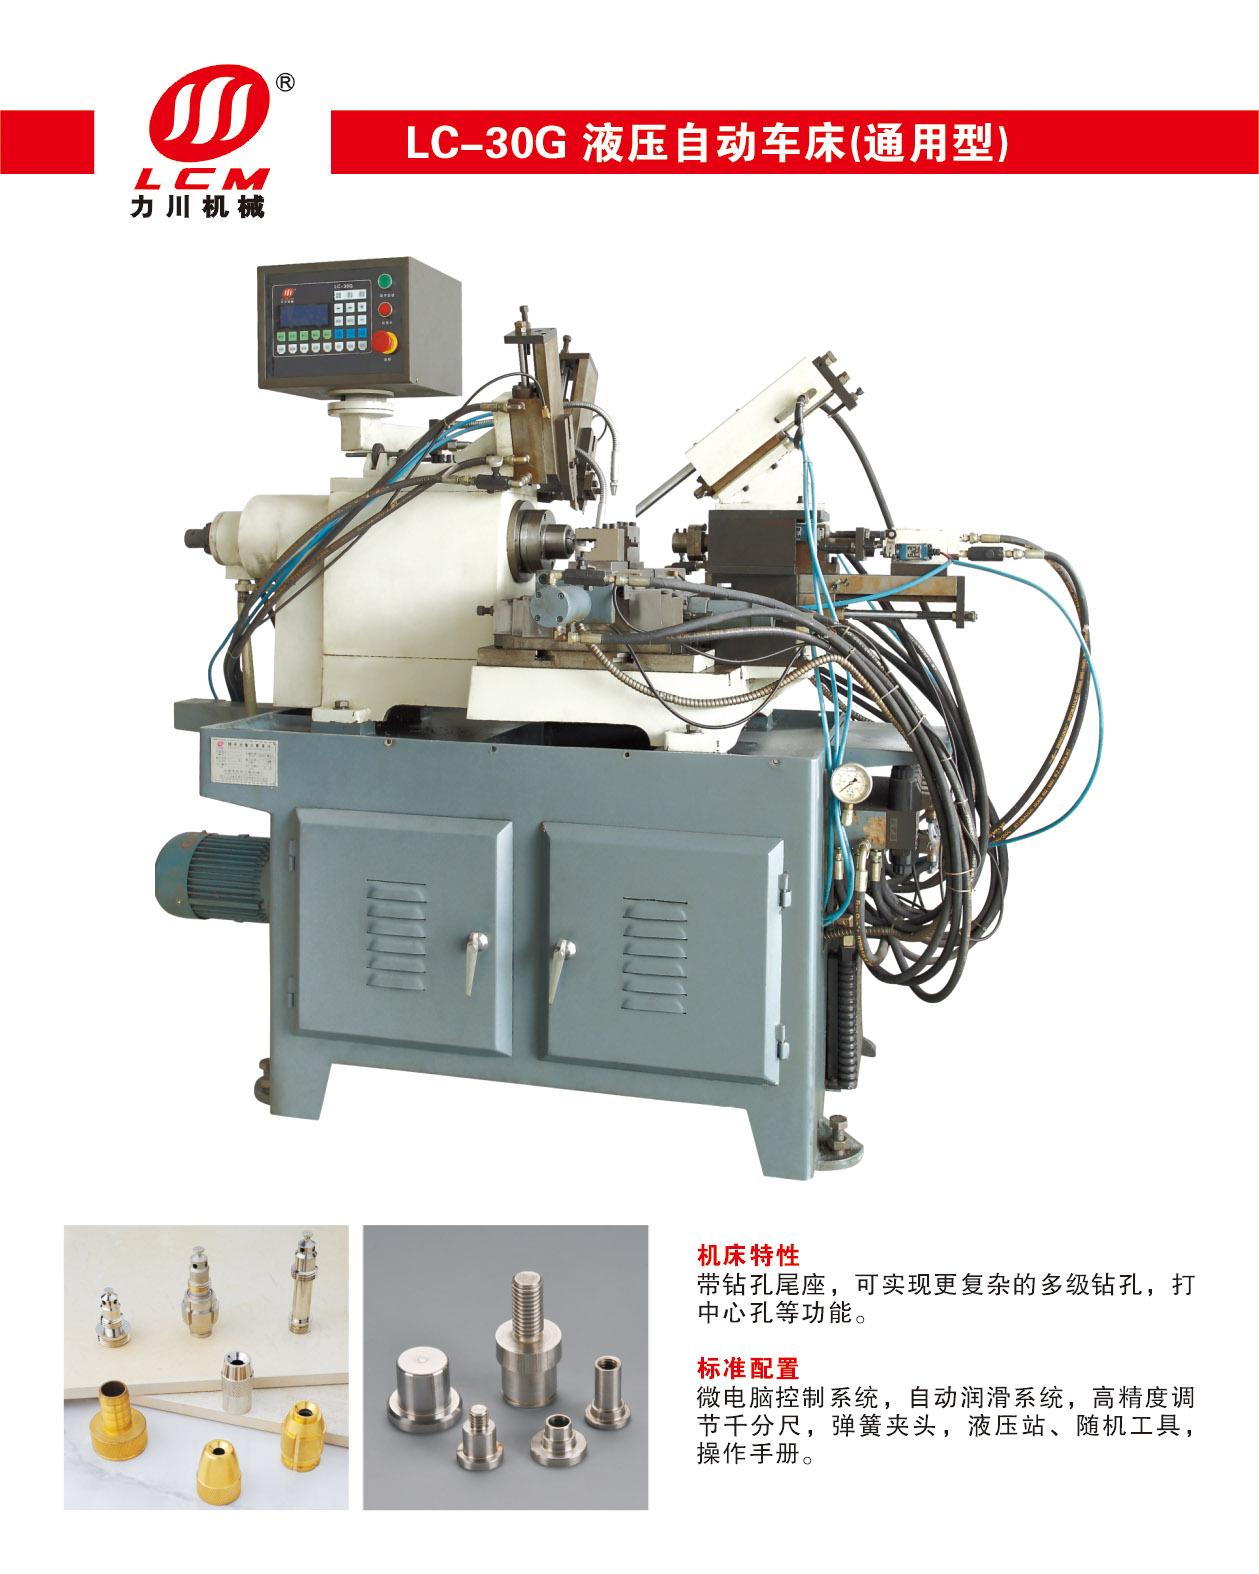 液压自动车床(通用型)图片